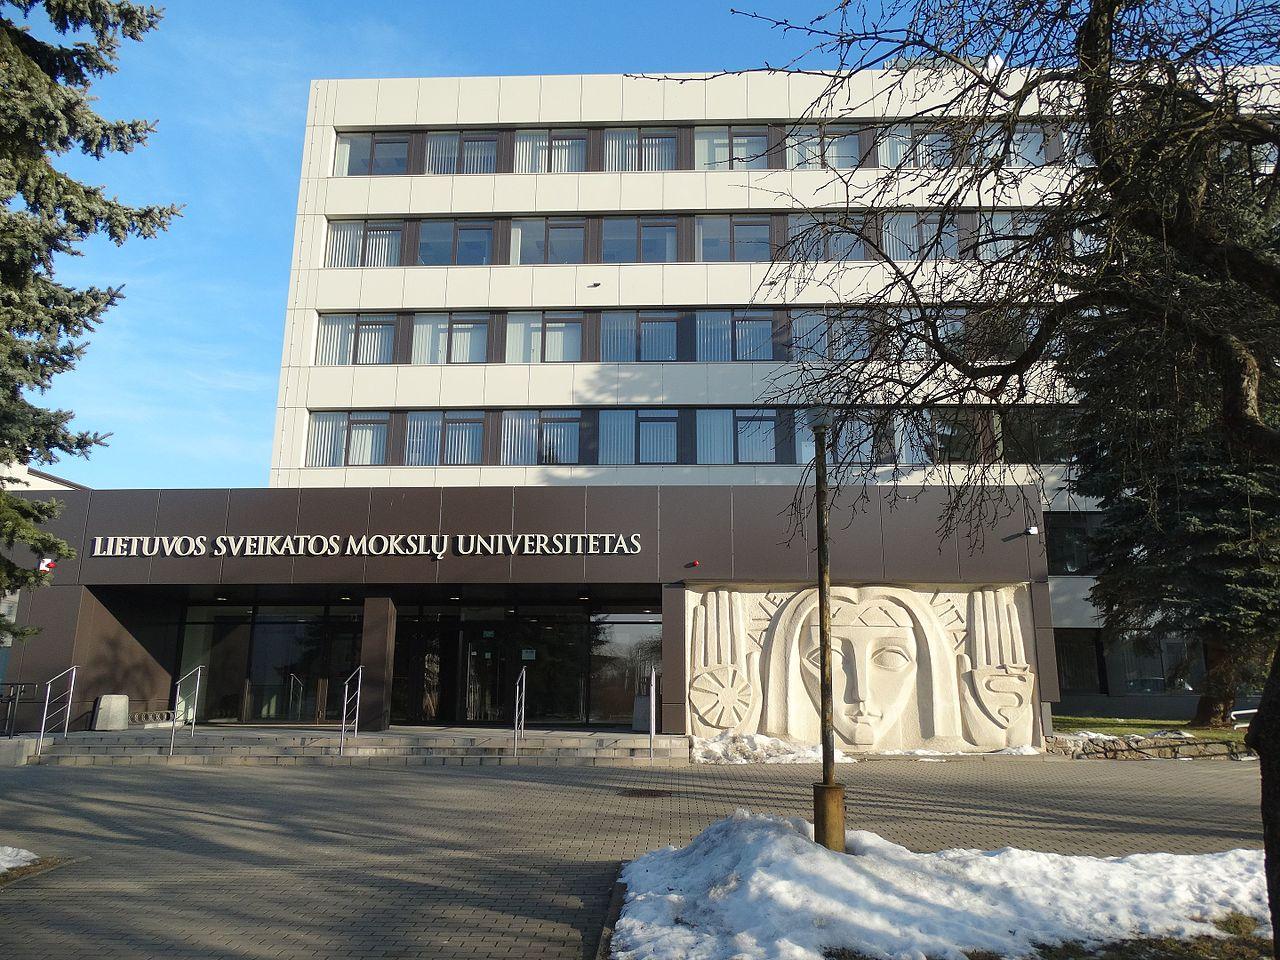 Prestižiniame tarptautiniame reitinge LSMU pranoko visus šalies universitetus